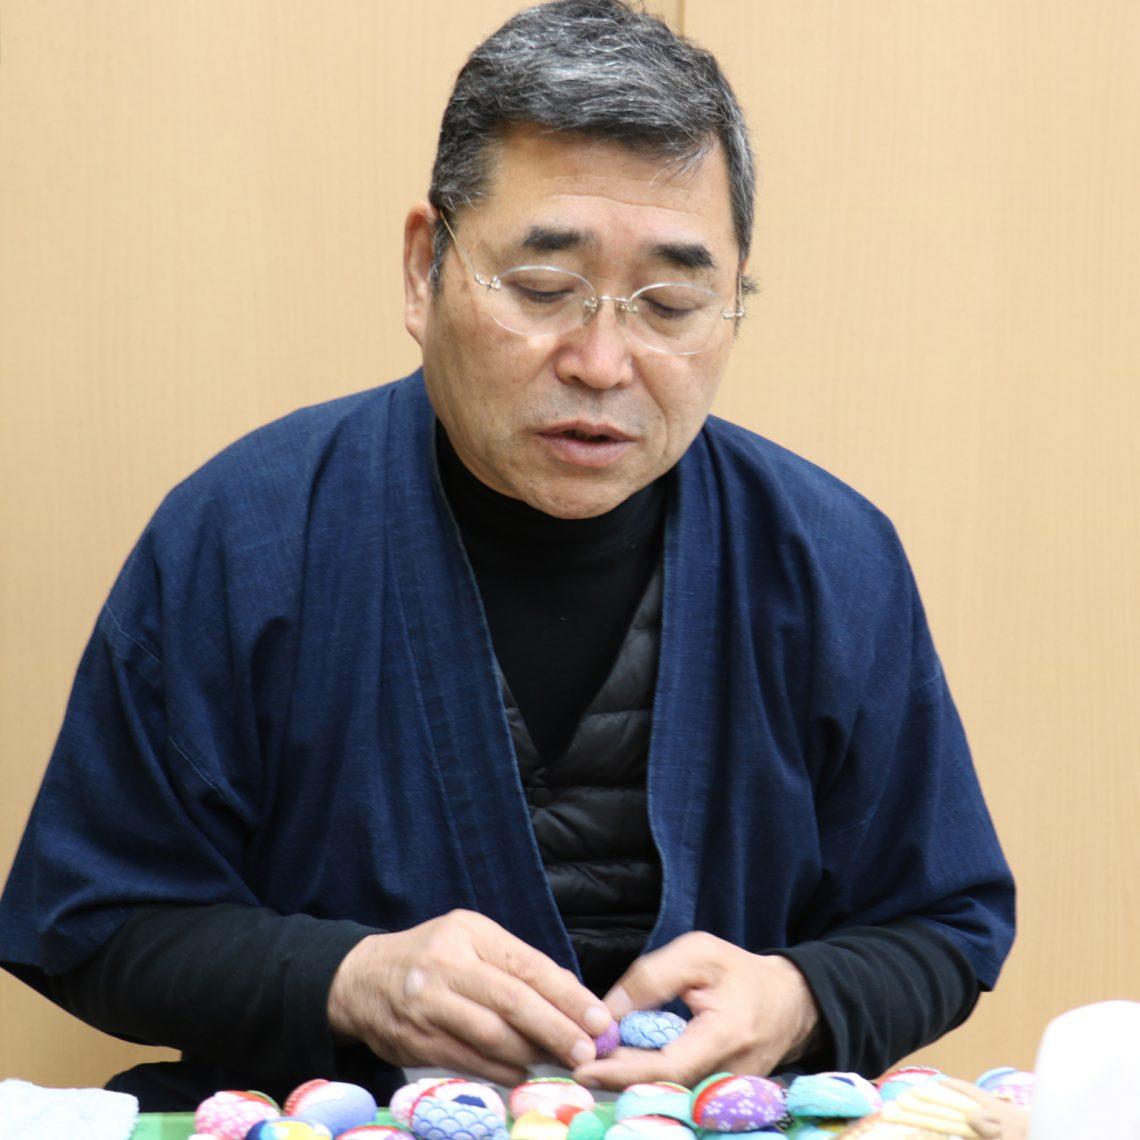 Tsukada Koubou